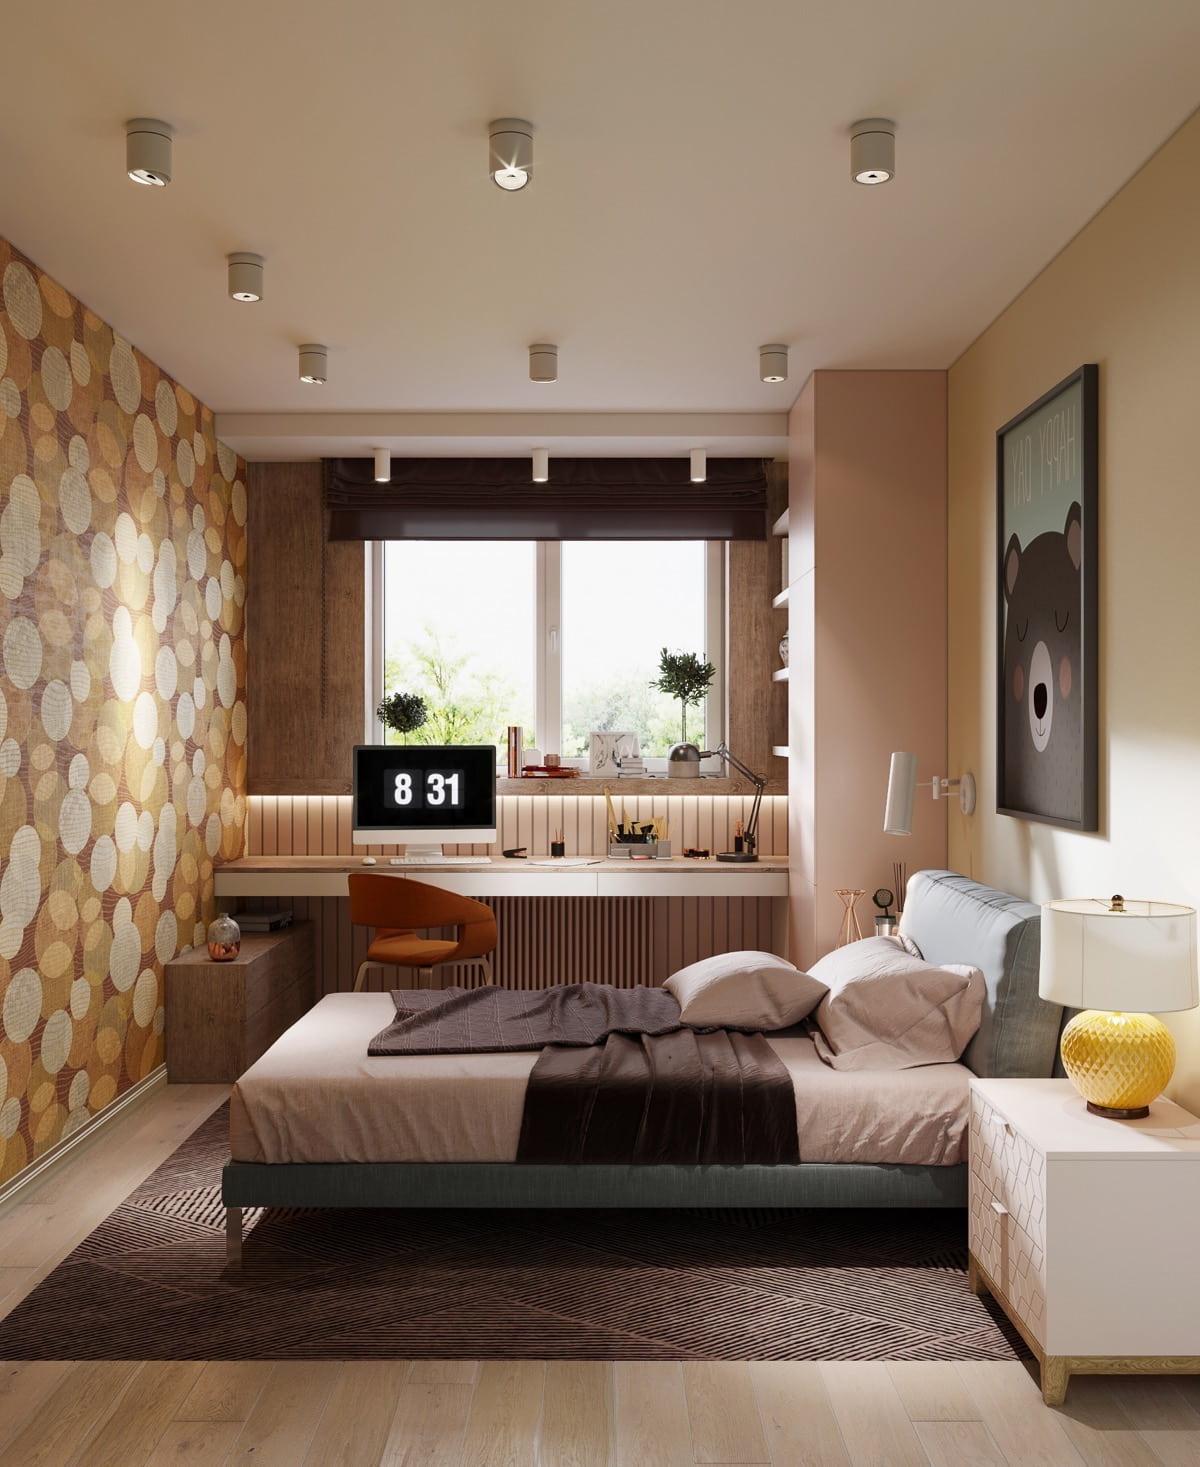 детская комната в современном стиле фото 6